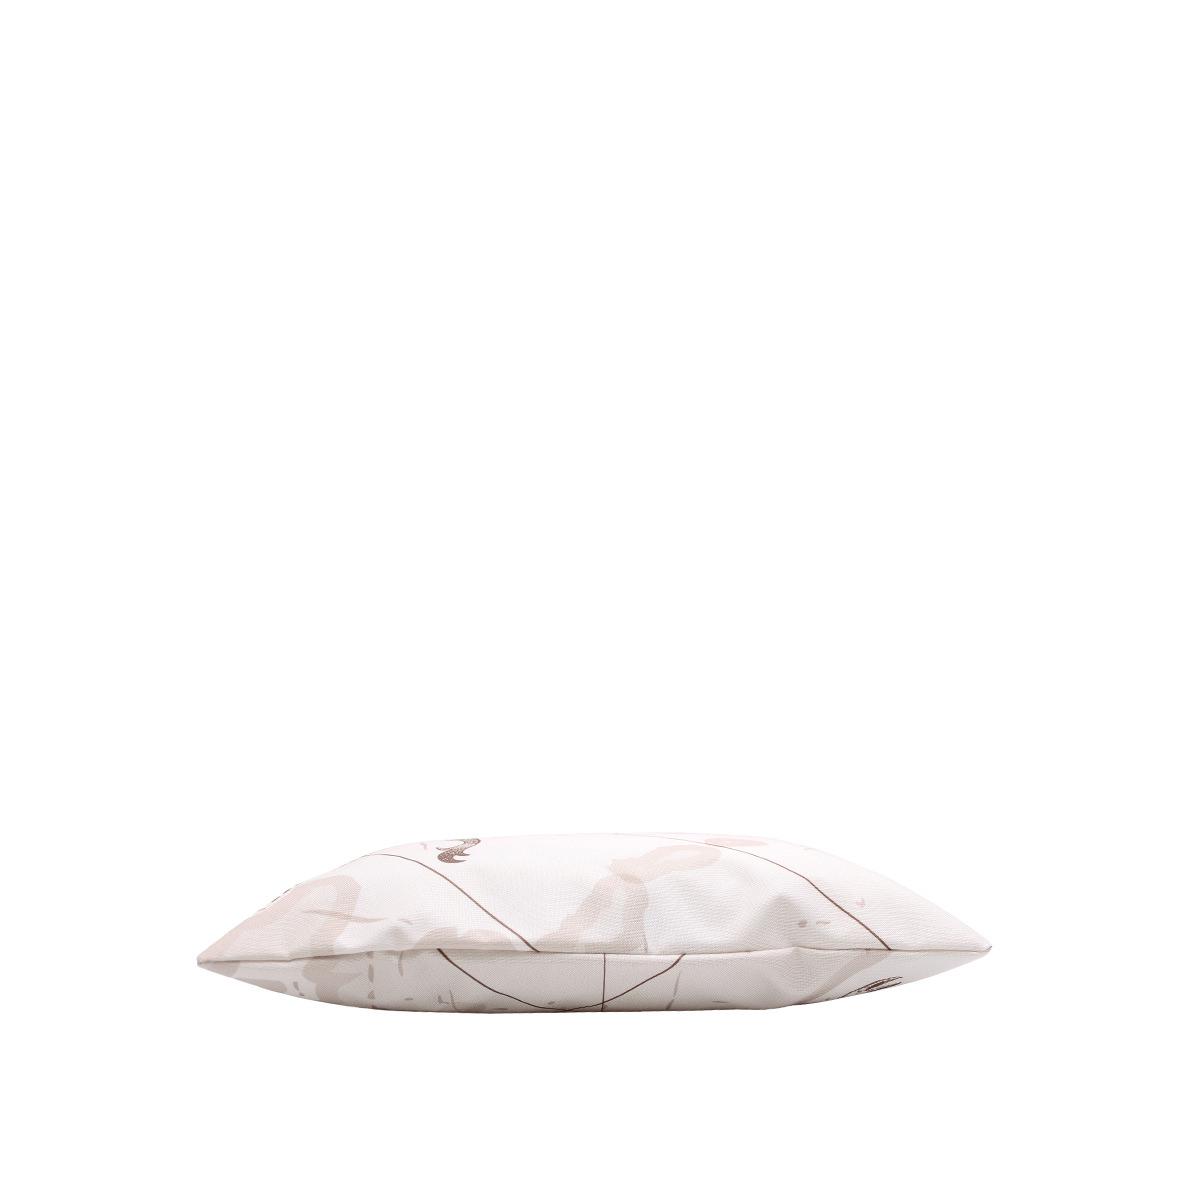 Kleinesbild - Deko-Kissen Seekarte 30 x 50 cm